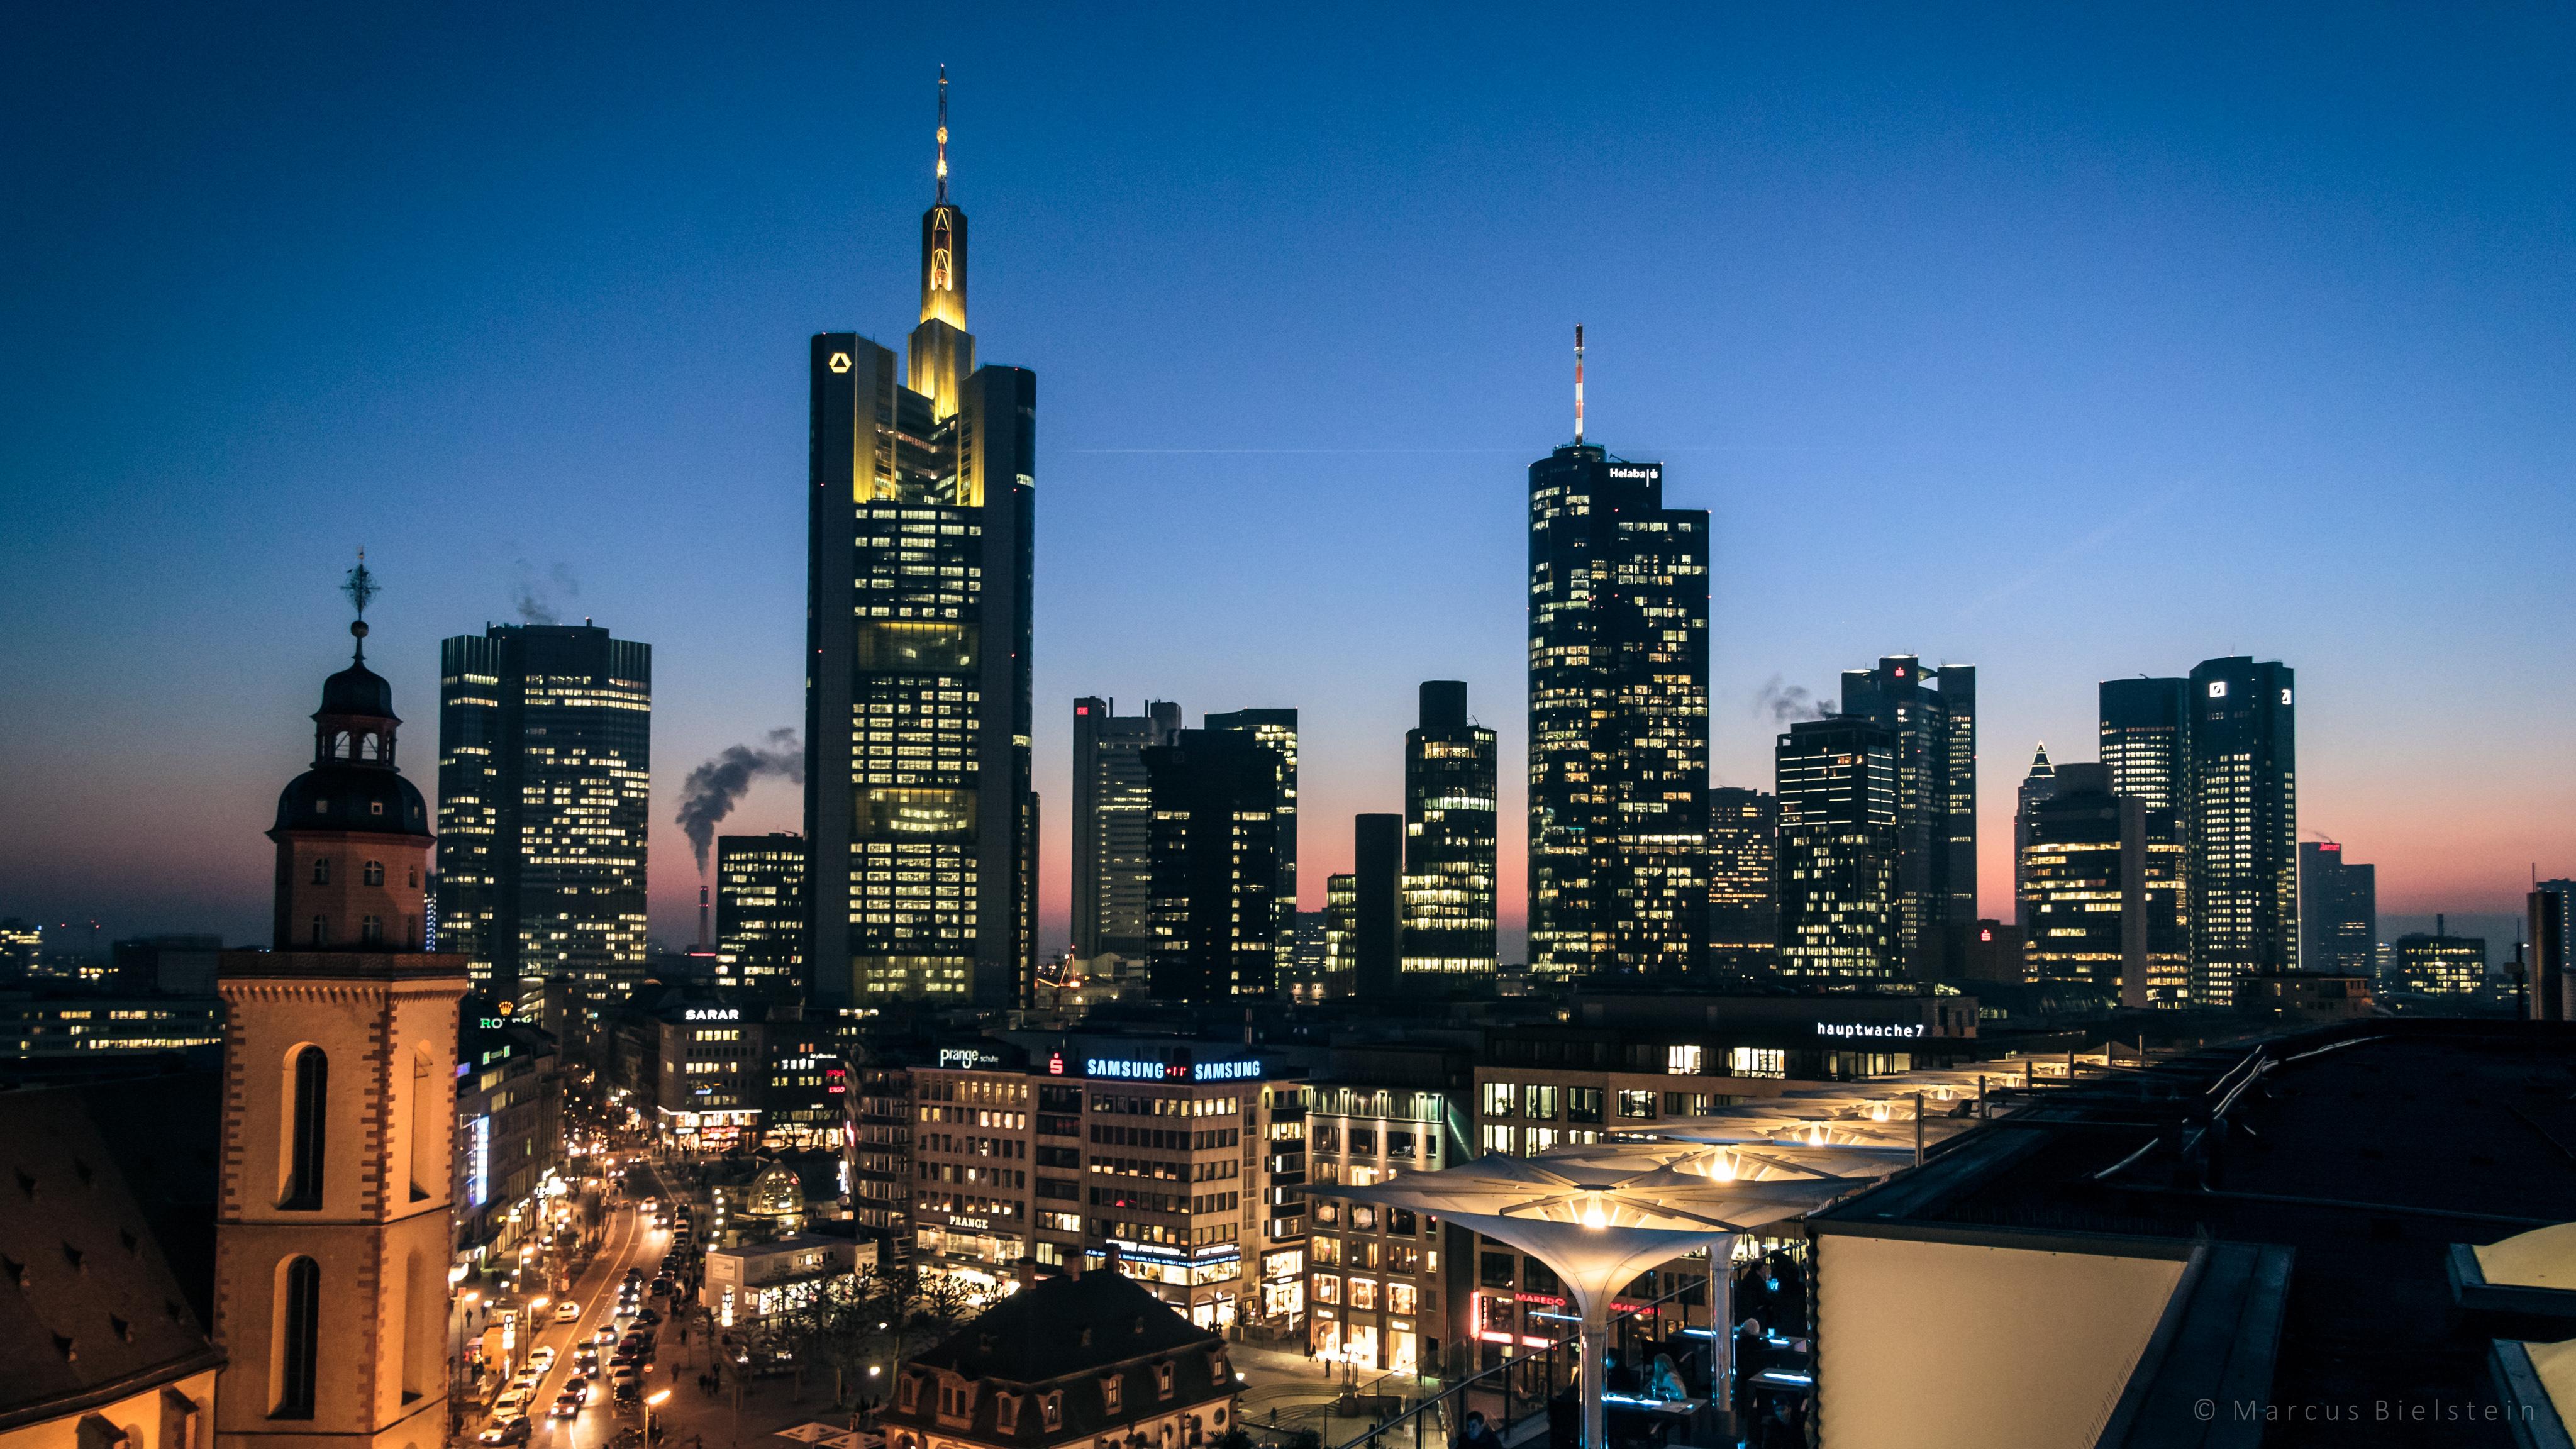 frankfurt skyline at dusk by mbielstein on deviantart. Black Bedroom Furniture Sets. Home Design Ideas